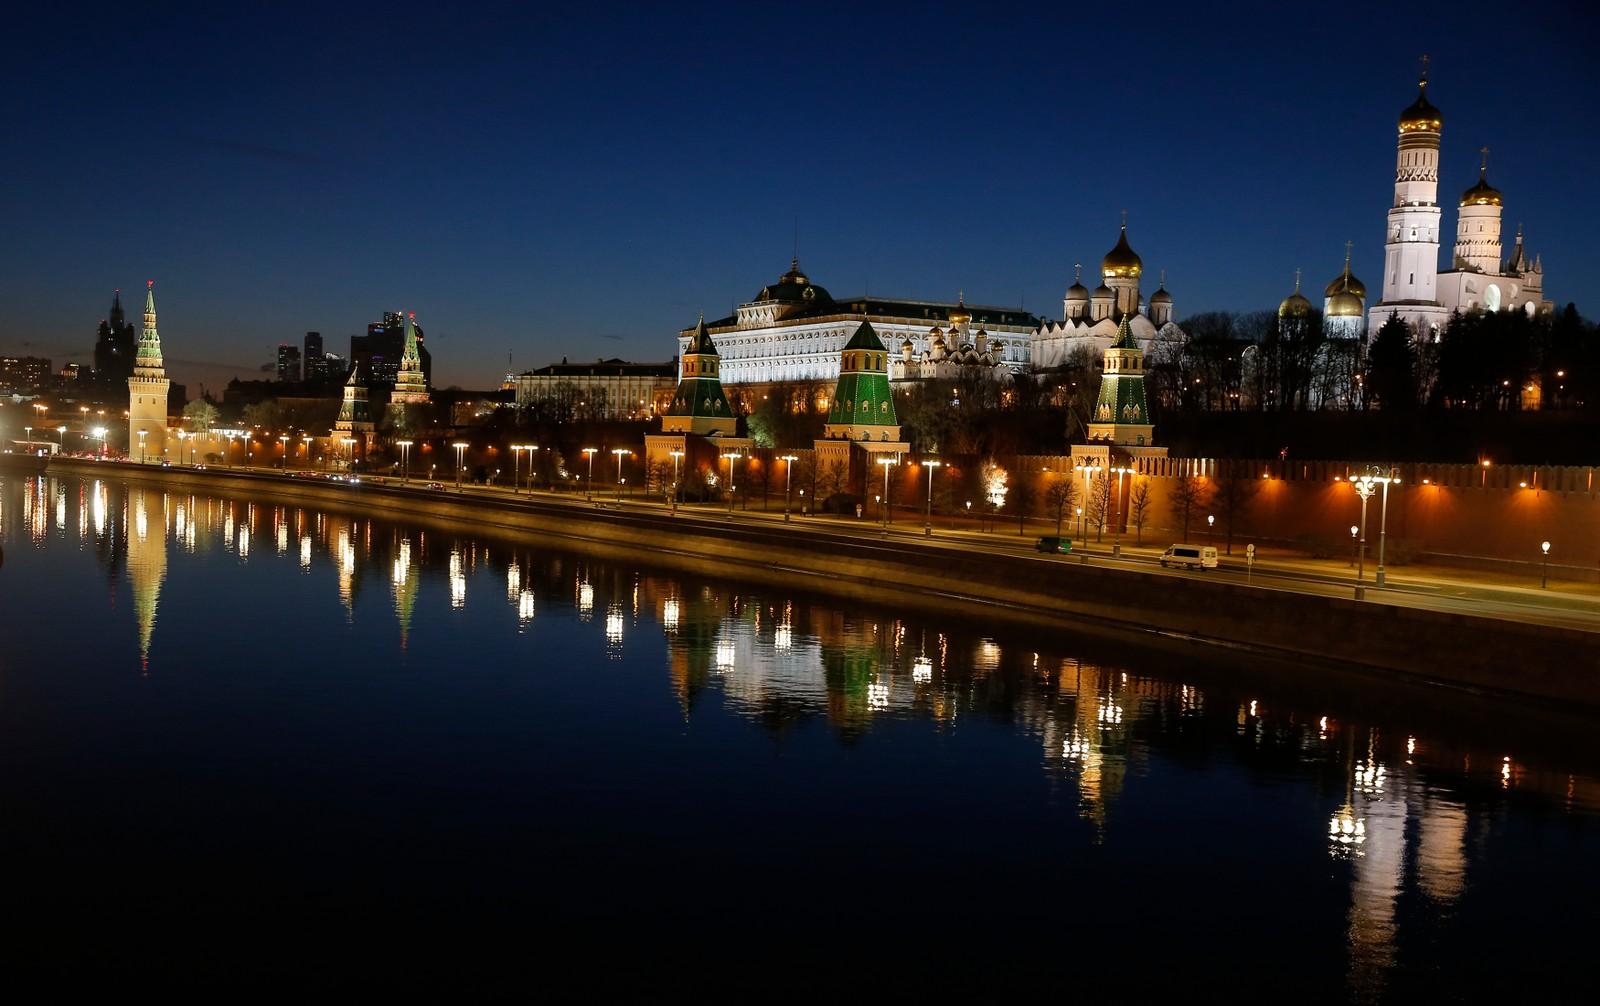 Nå er lyset slått på igjen i Kreml, som ligger to timer foran Norge.